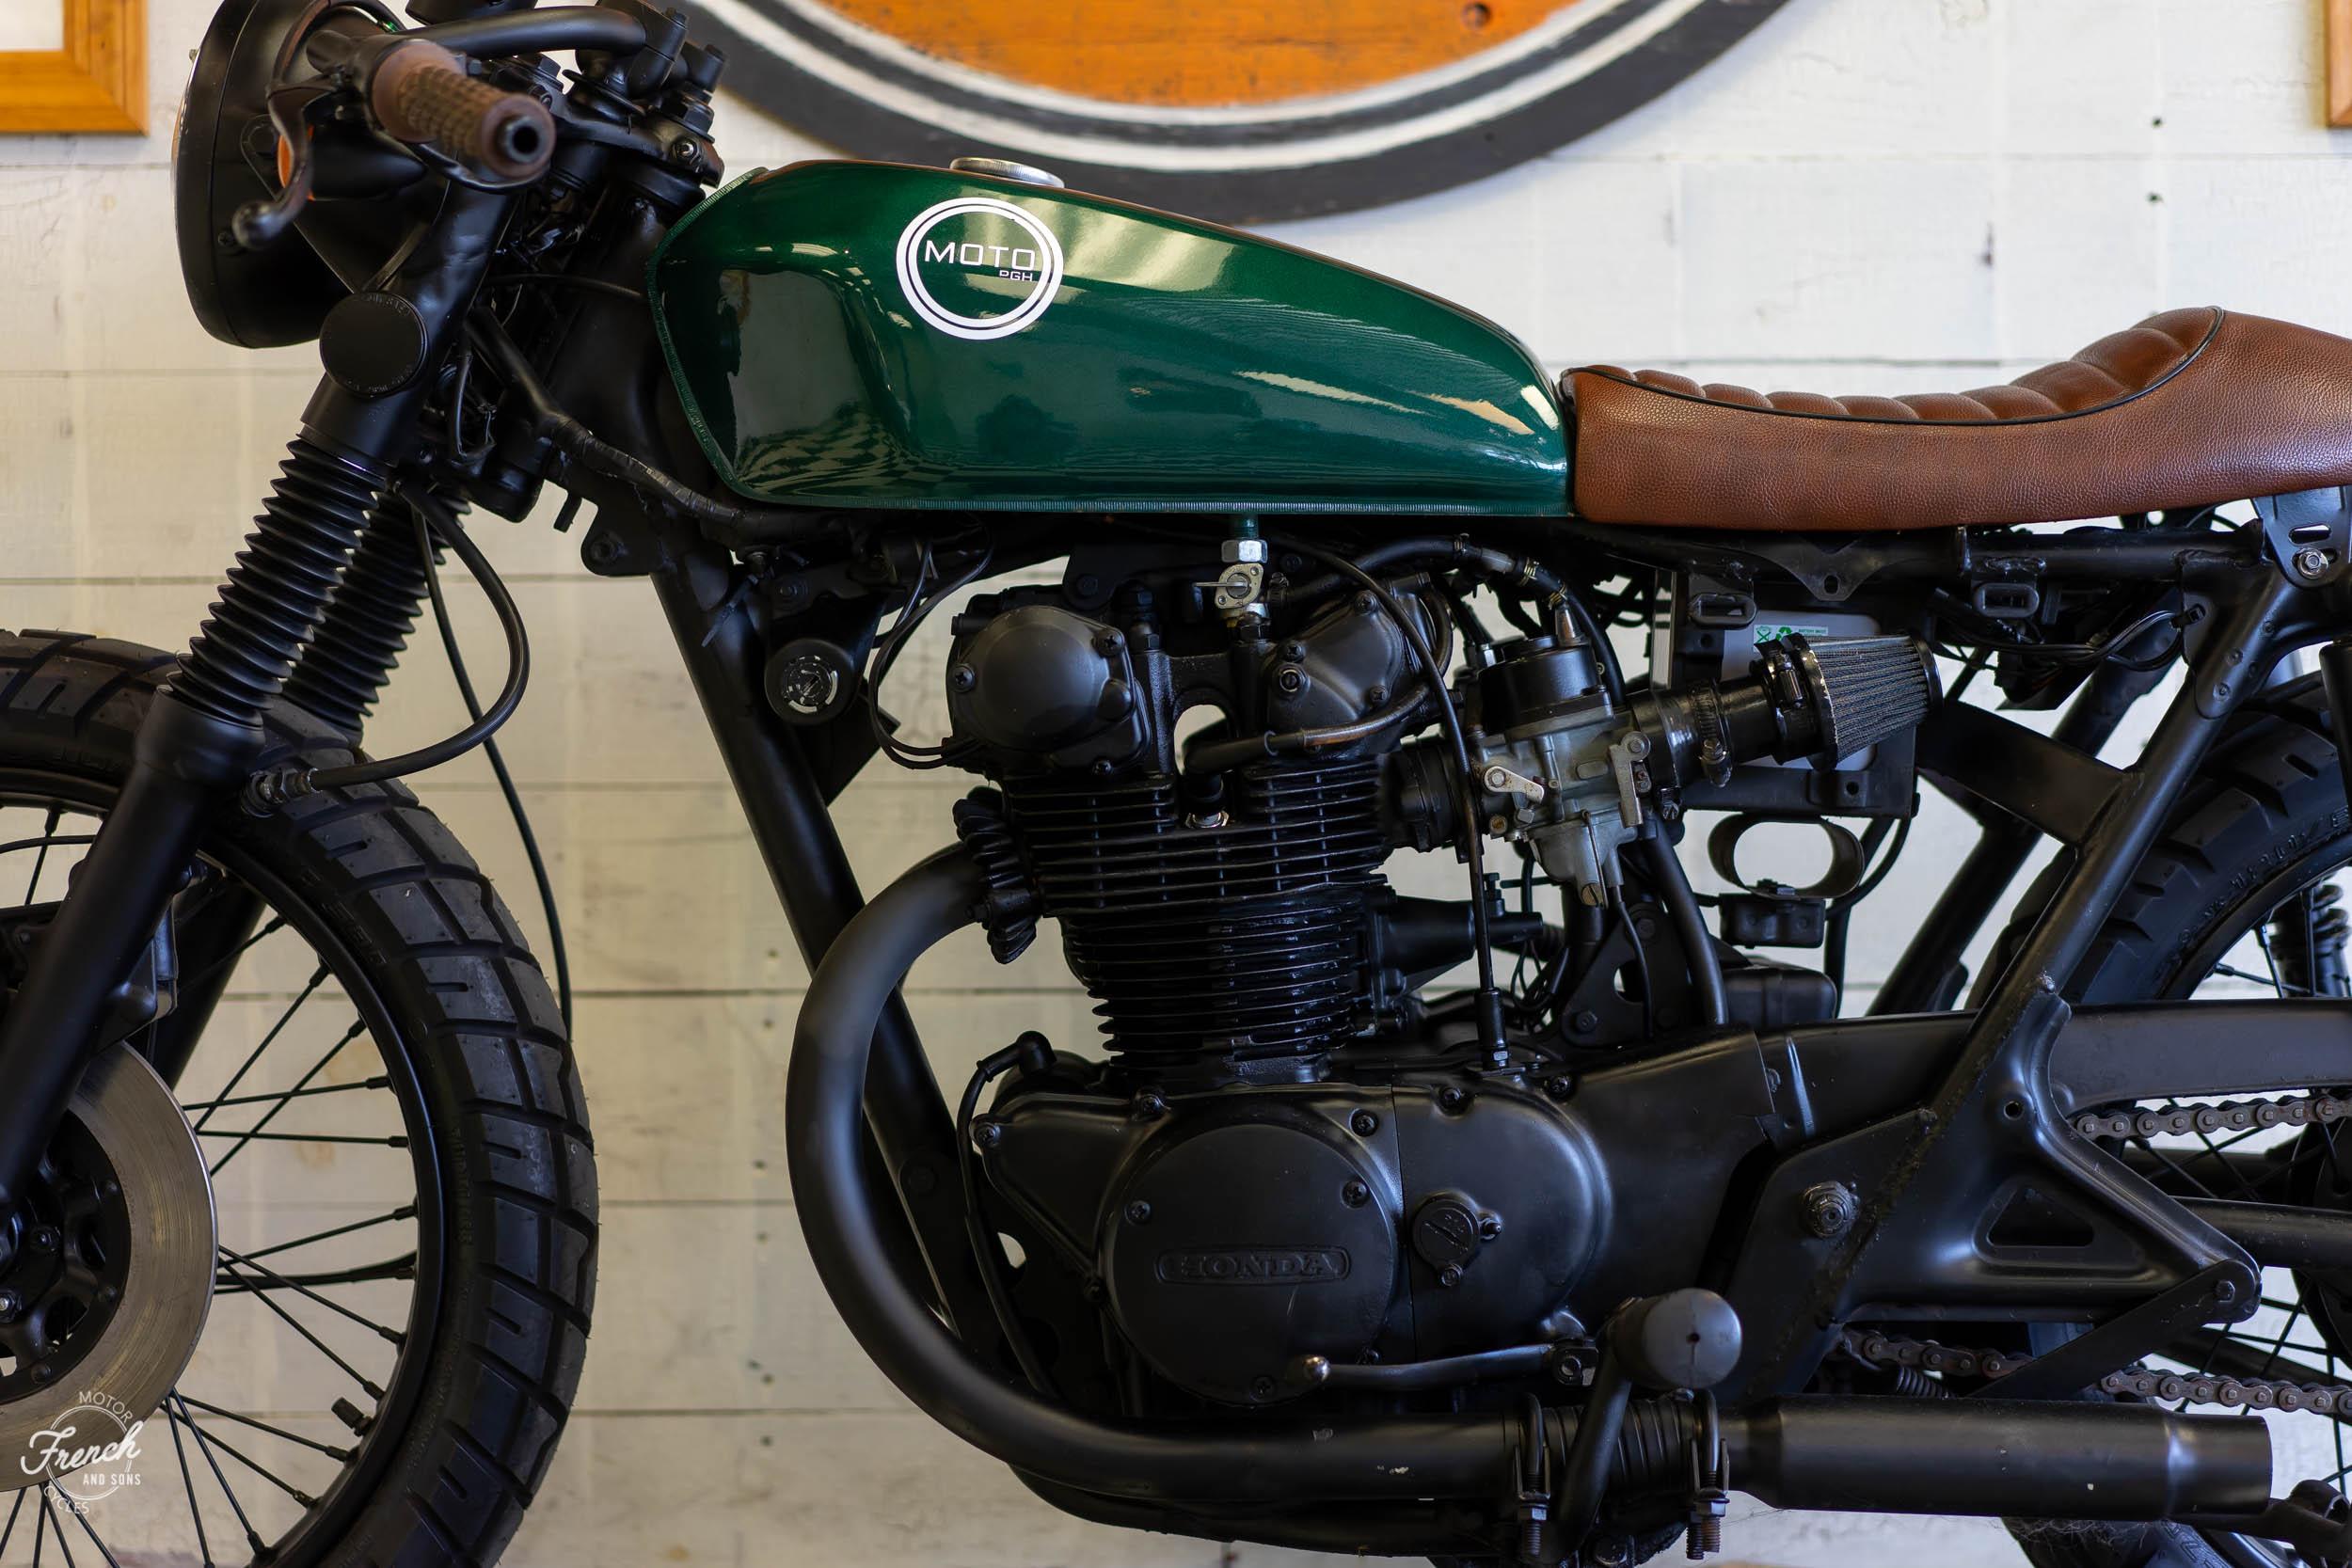 1974_honda_cb450_cafe_racer-18.jpg